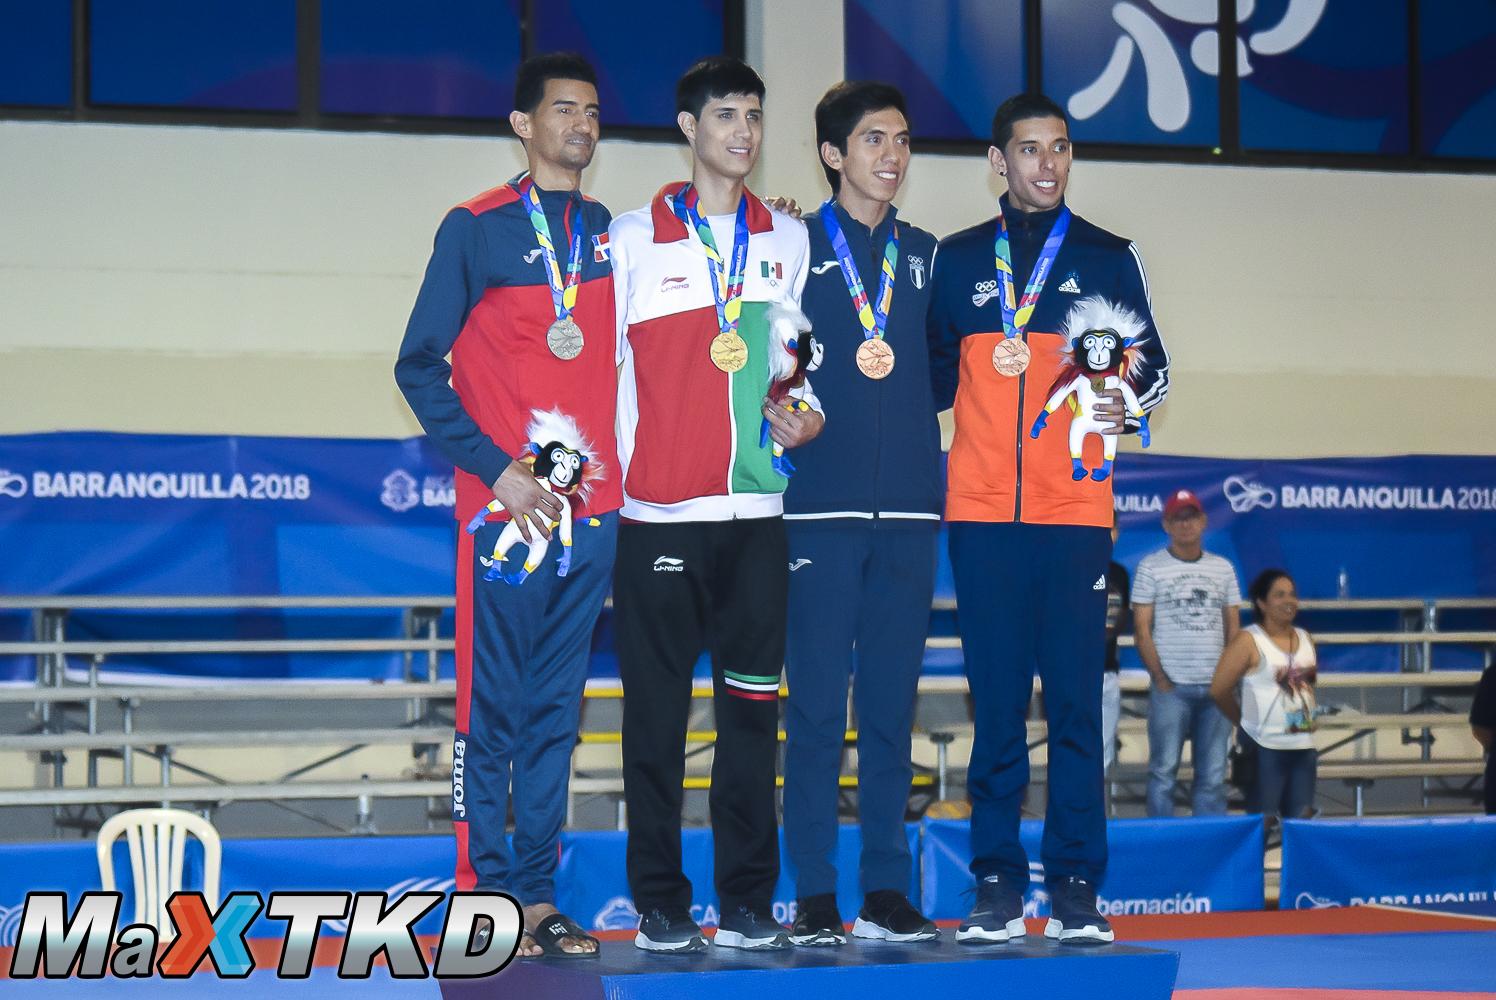 20180720_JCAC-Barranquilla2018_podio-Masculino-54